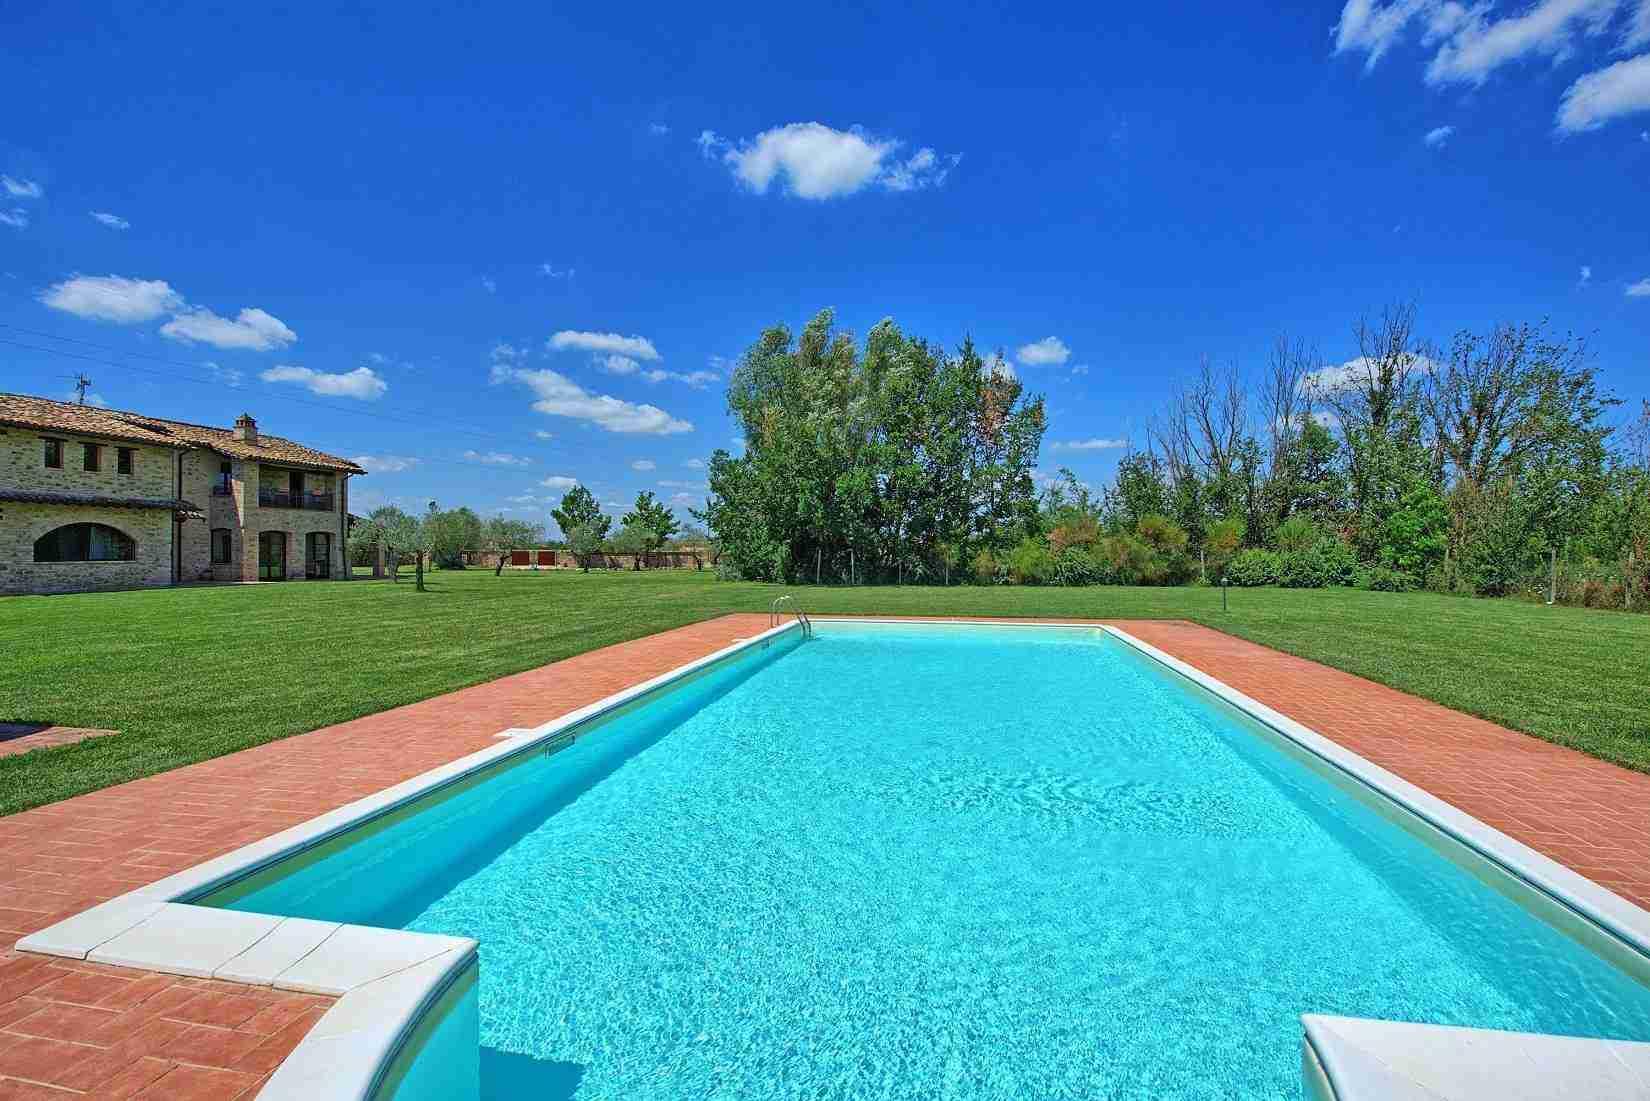 8 Assisi pool